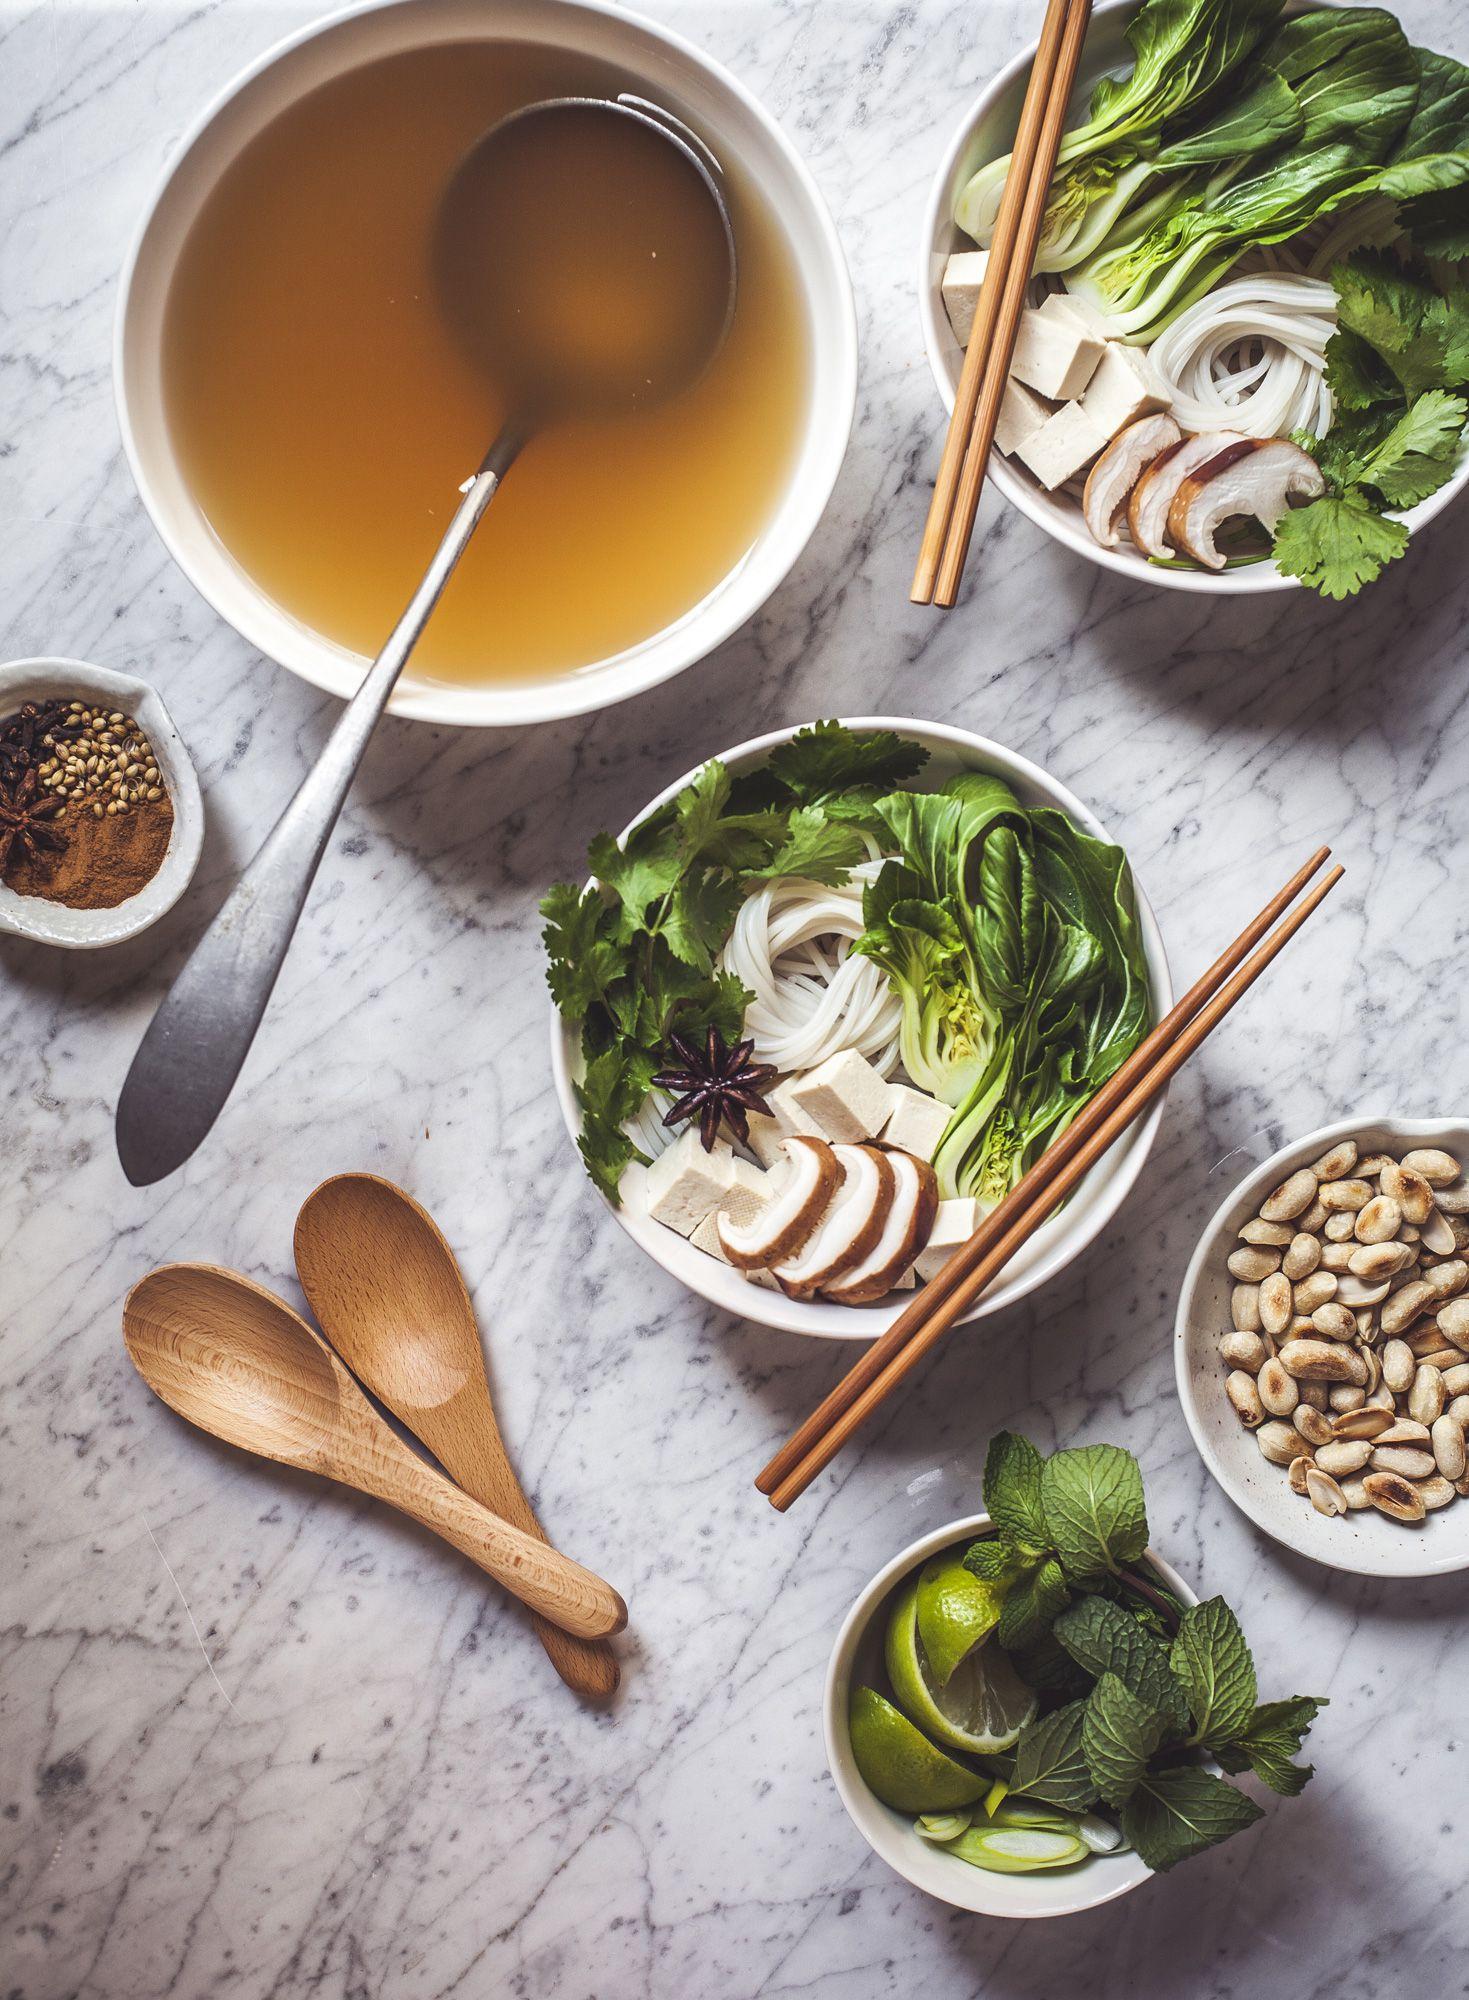 puoi mangiare il brodo di pollo nella dieta chetogenica